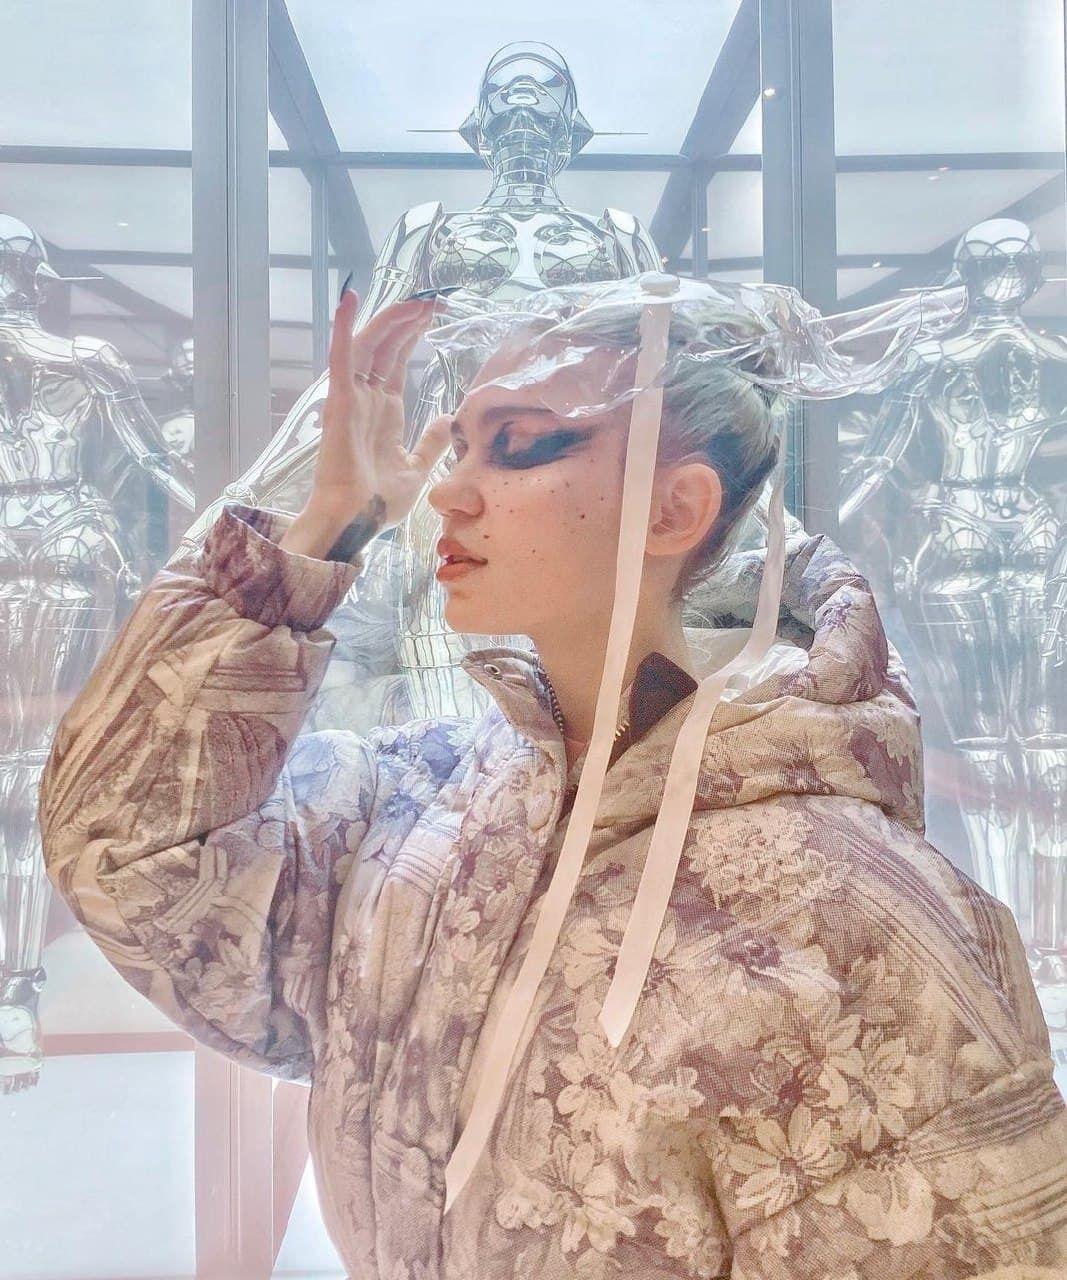 Дівчина Ілона Маска позувала в речах українського бренду.